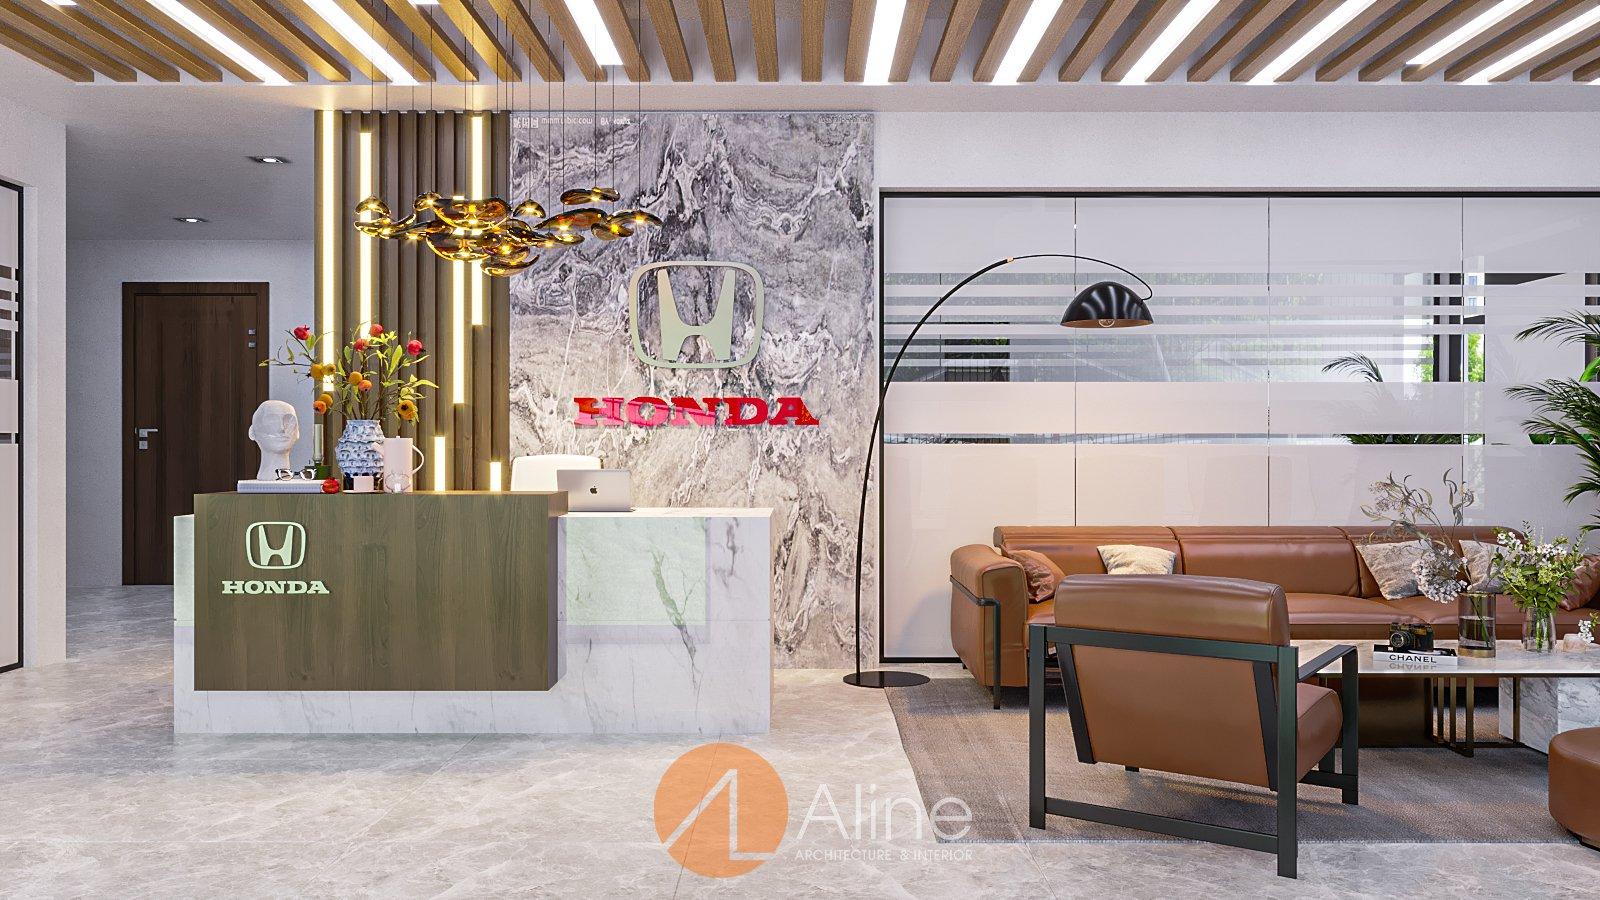 Mẫu nhà văn phòng 1 tầng công ty Honda